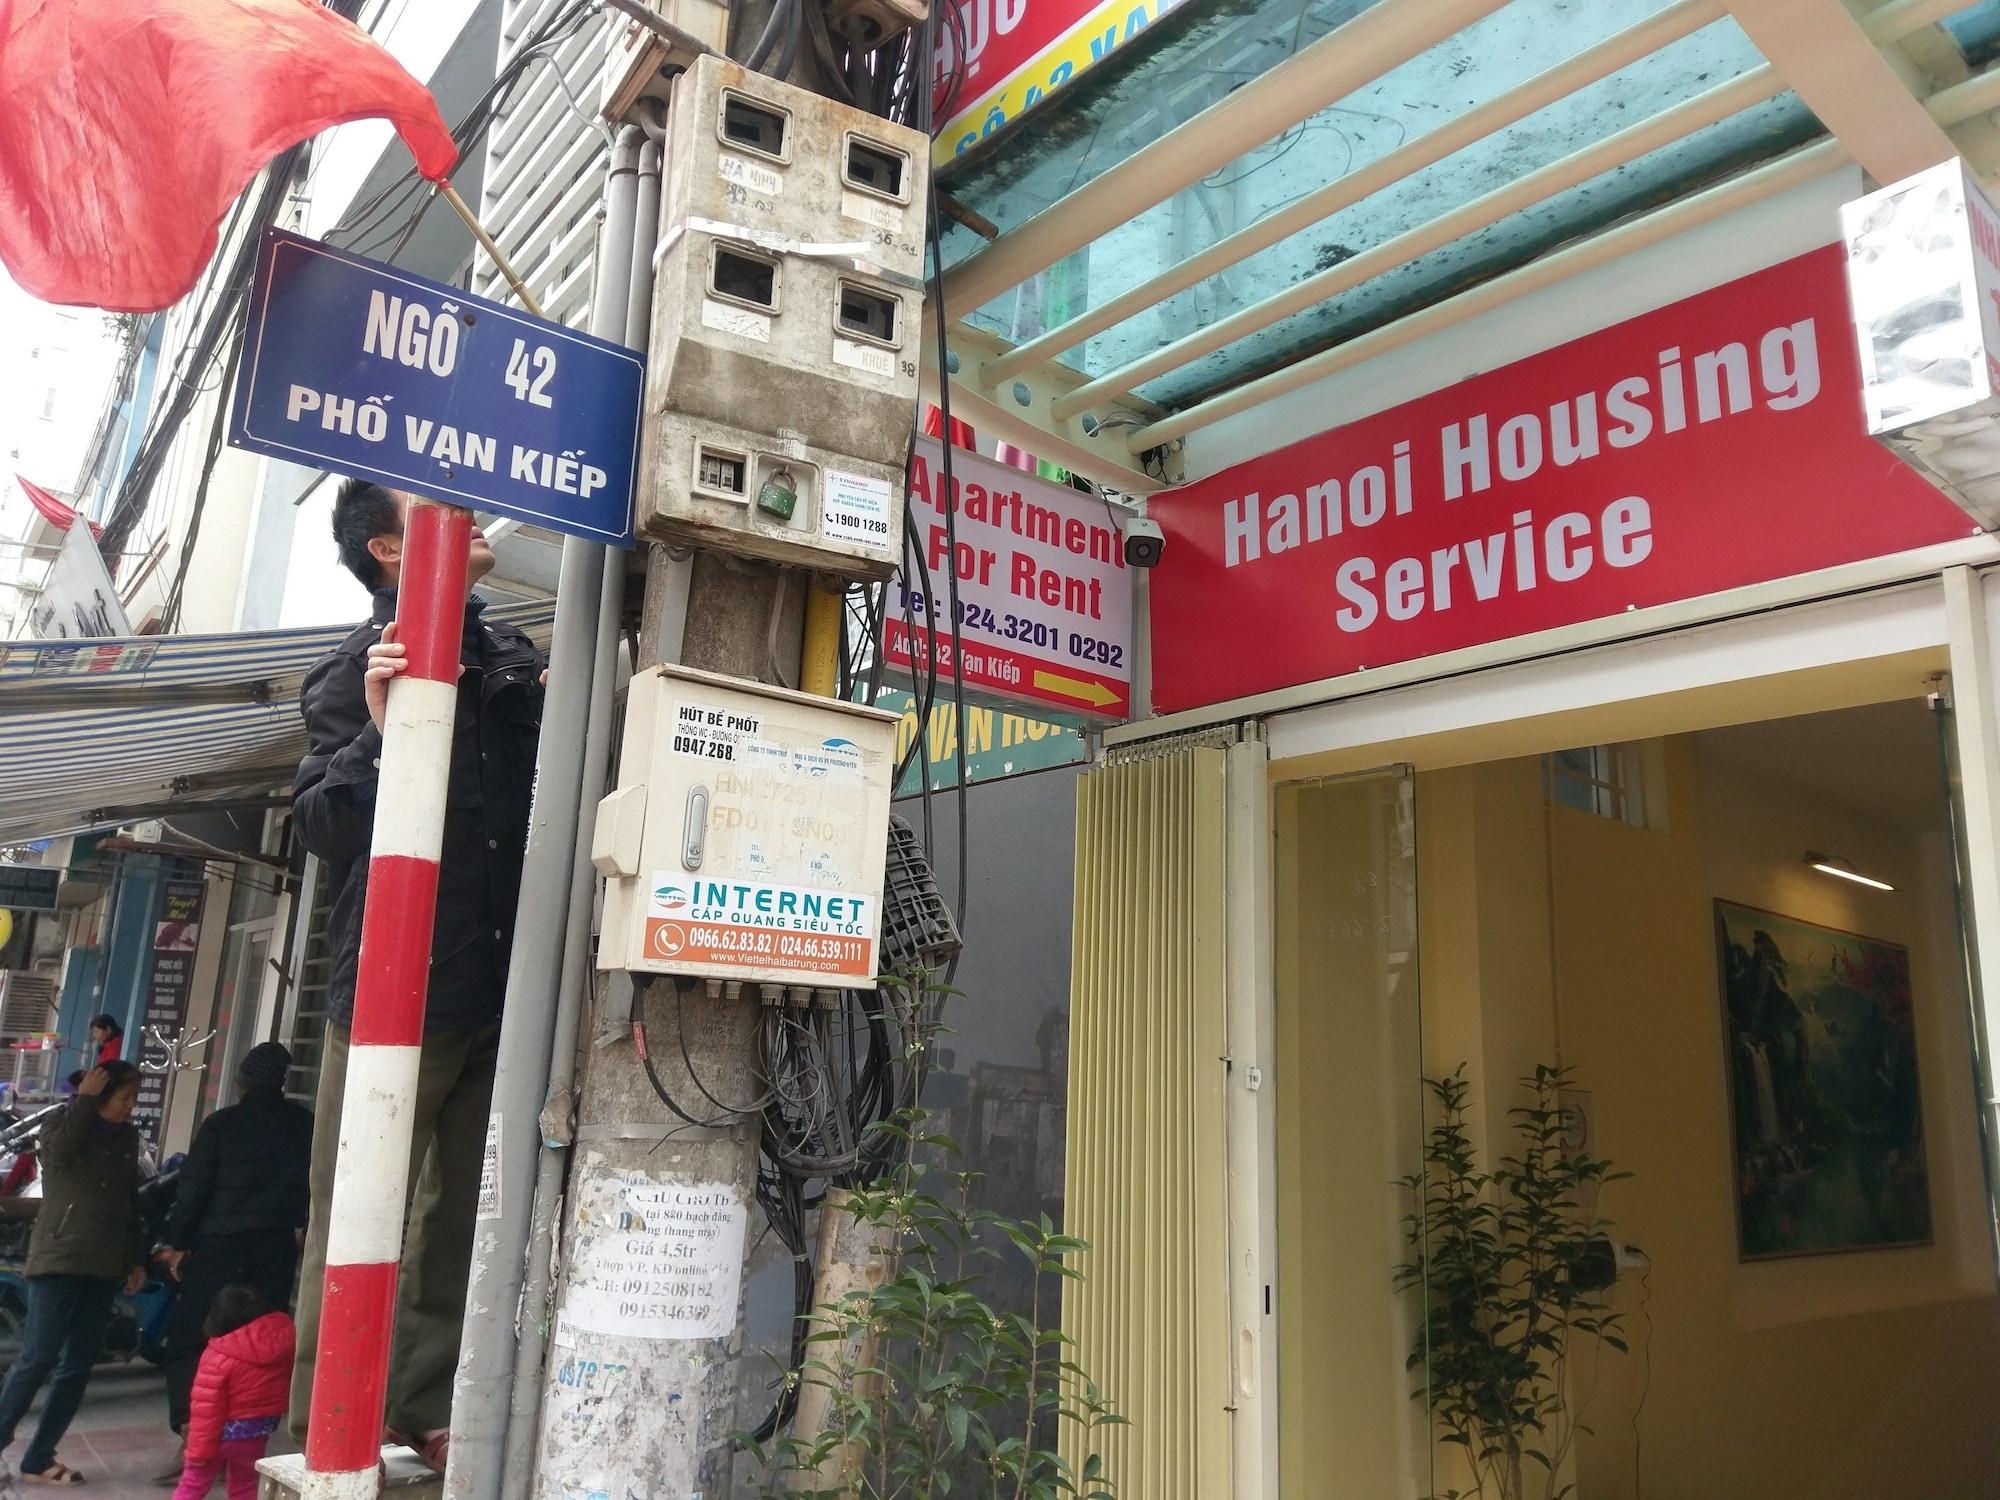 Hanoi Housing Service, Hai Bà Trưng